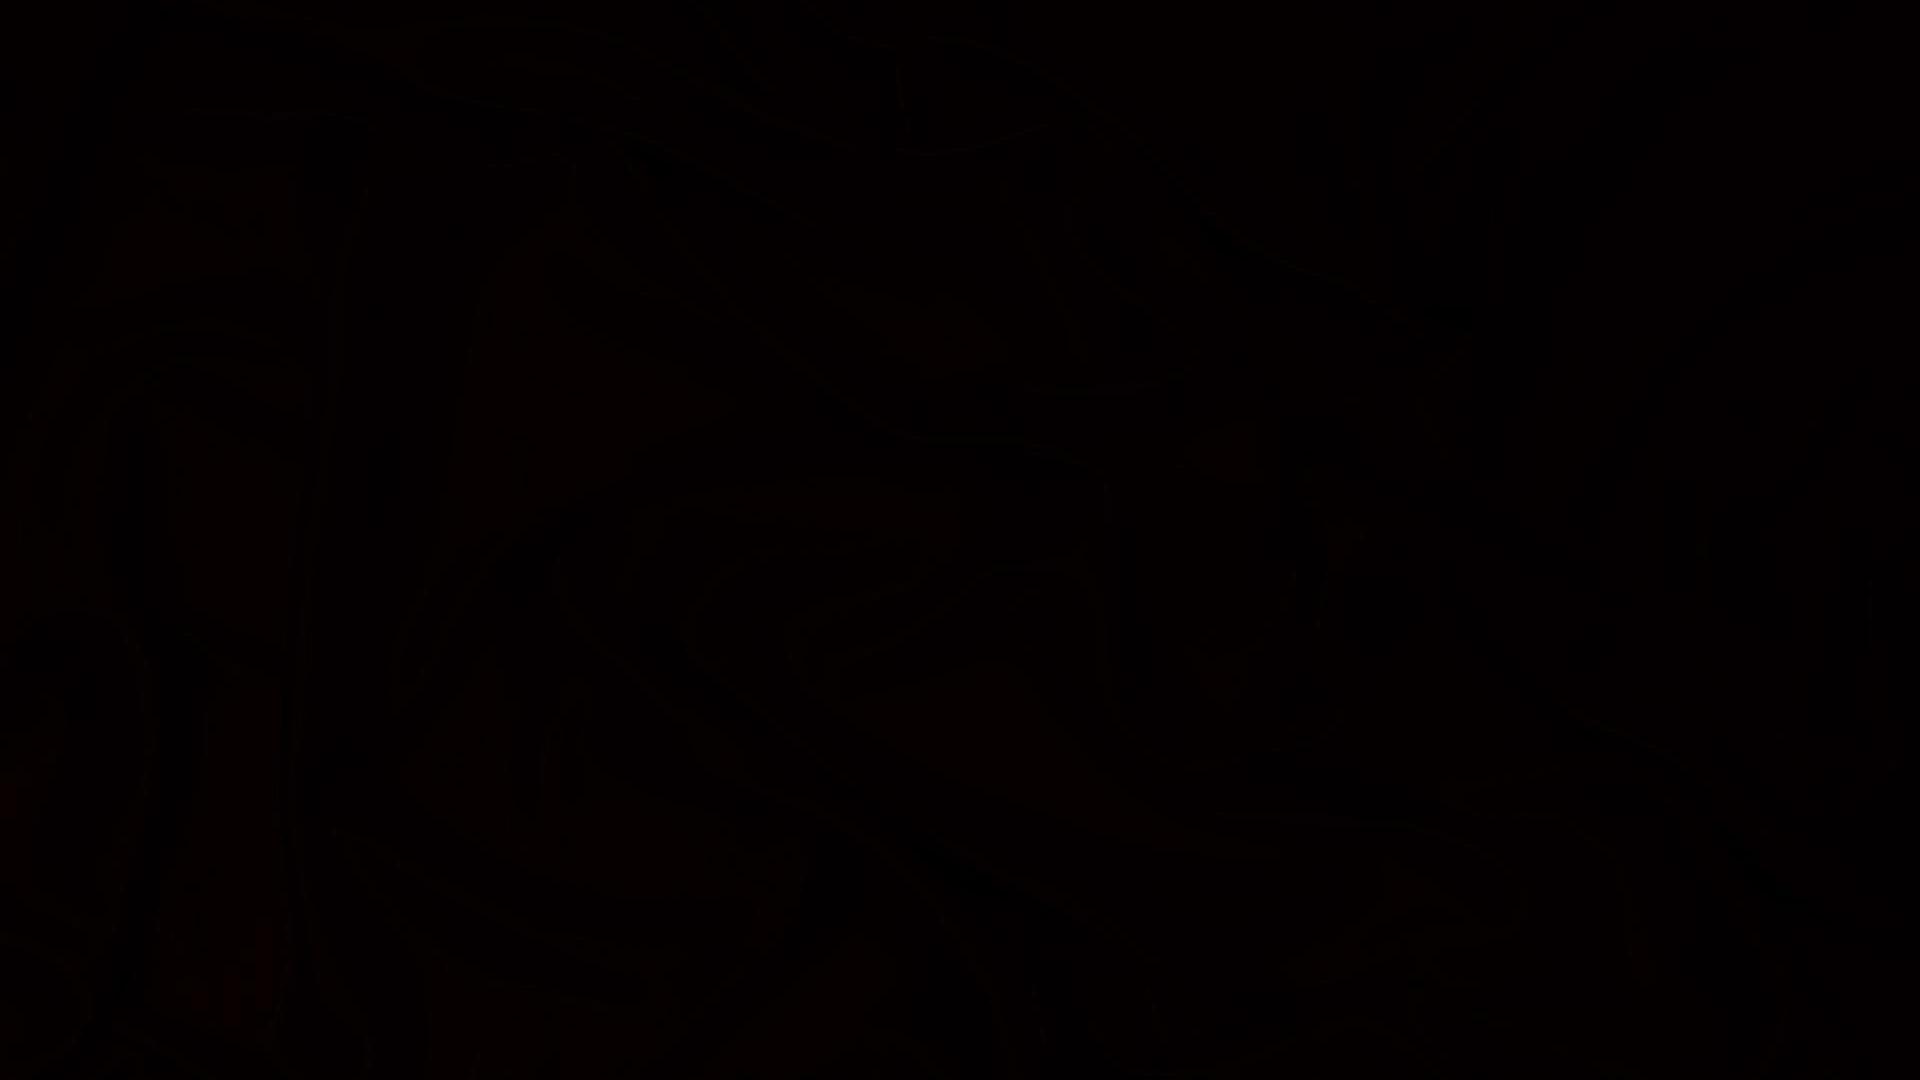 Hình ảnh nền màu đen